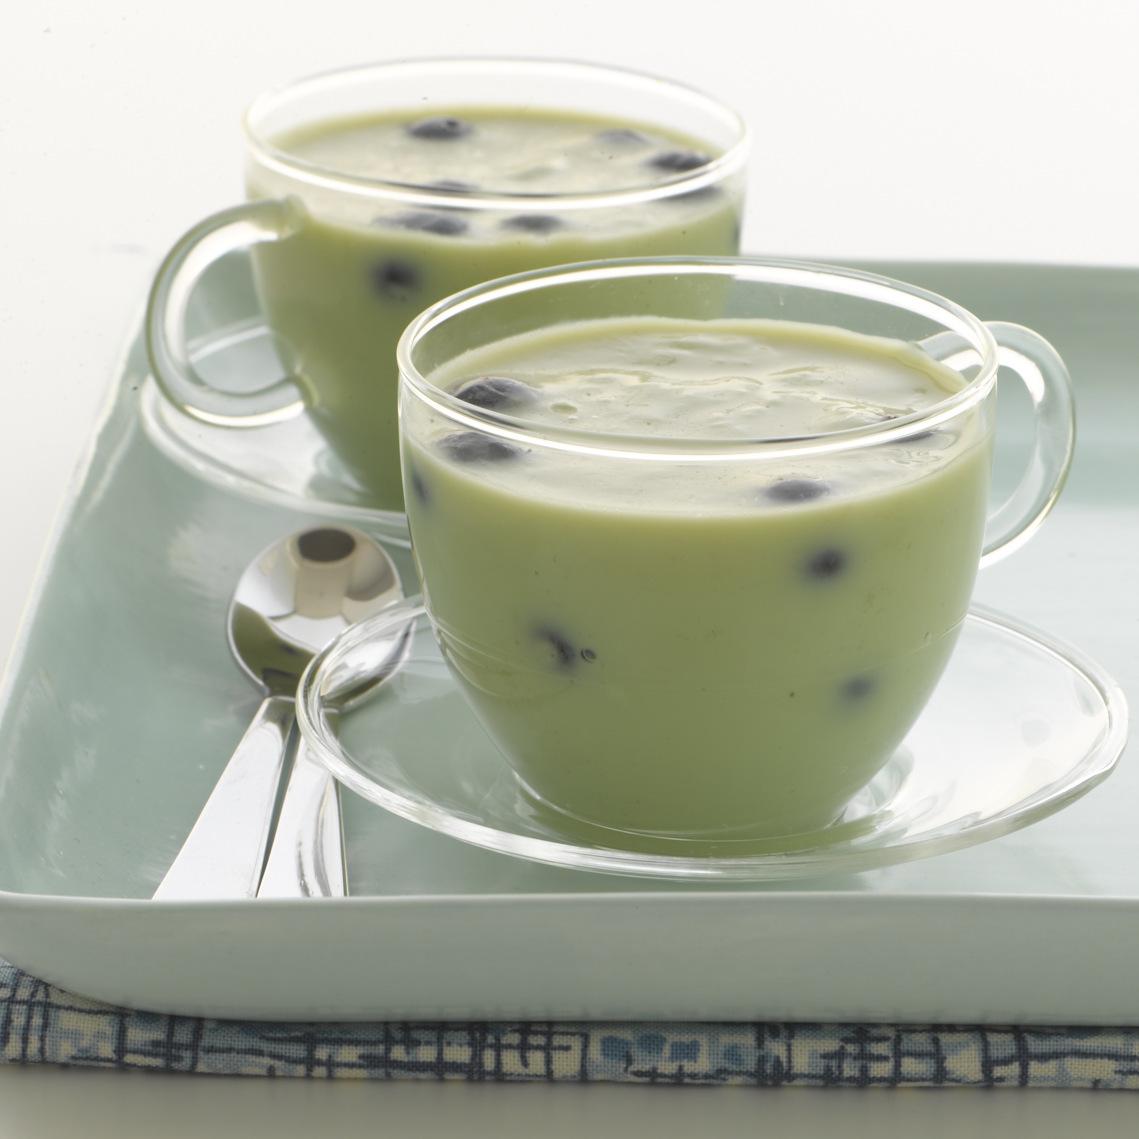 продаже есть чайное желе рецепт с фото дне сюрпризов